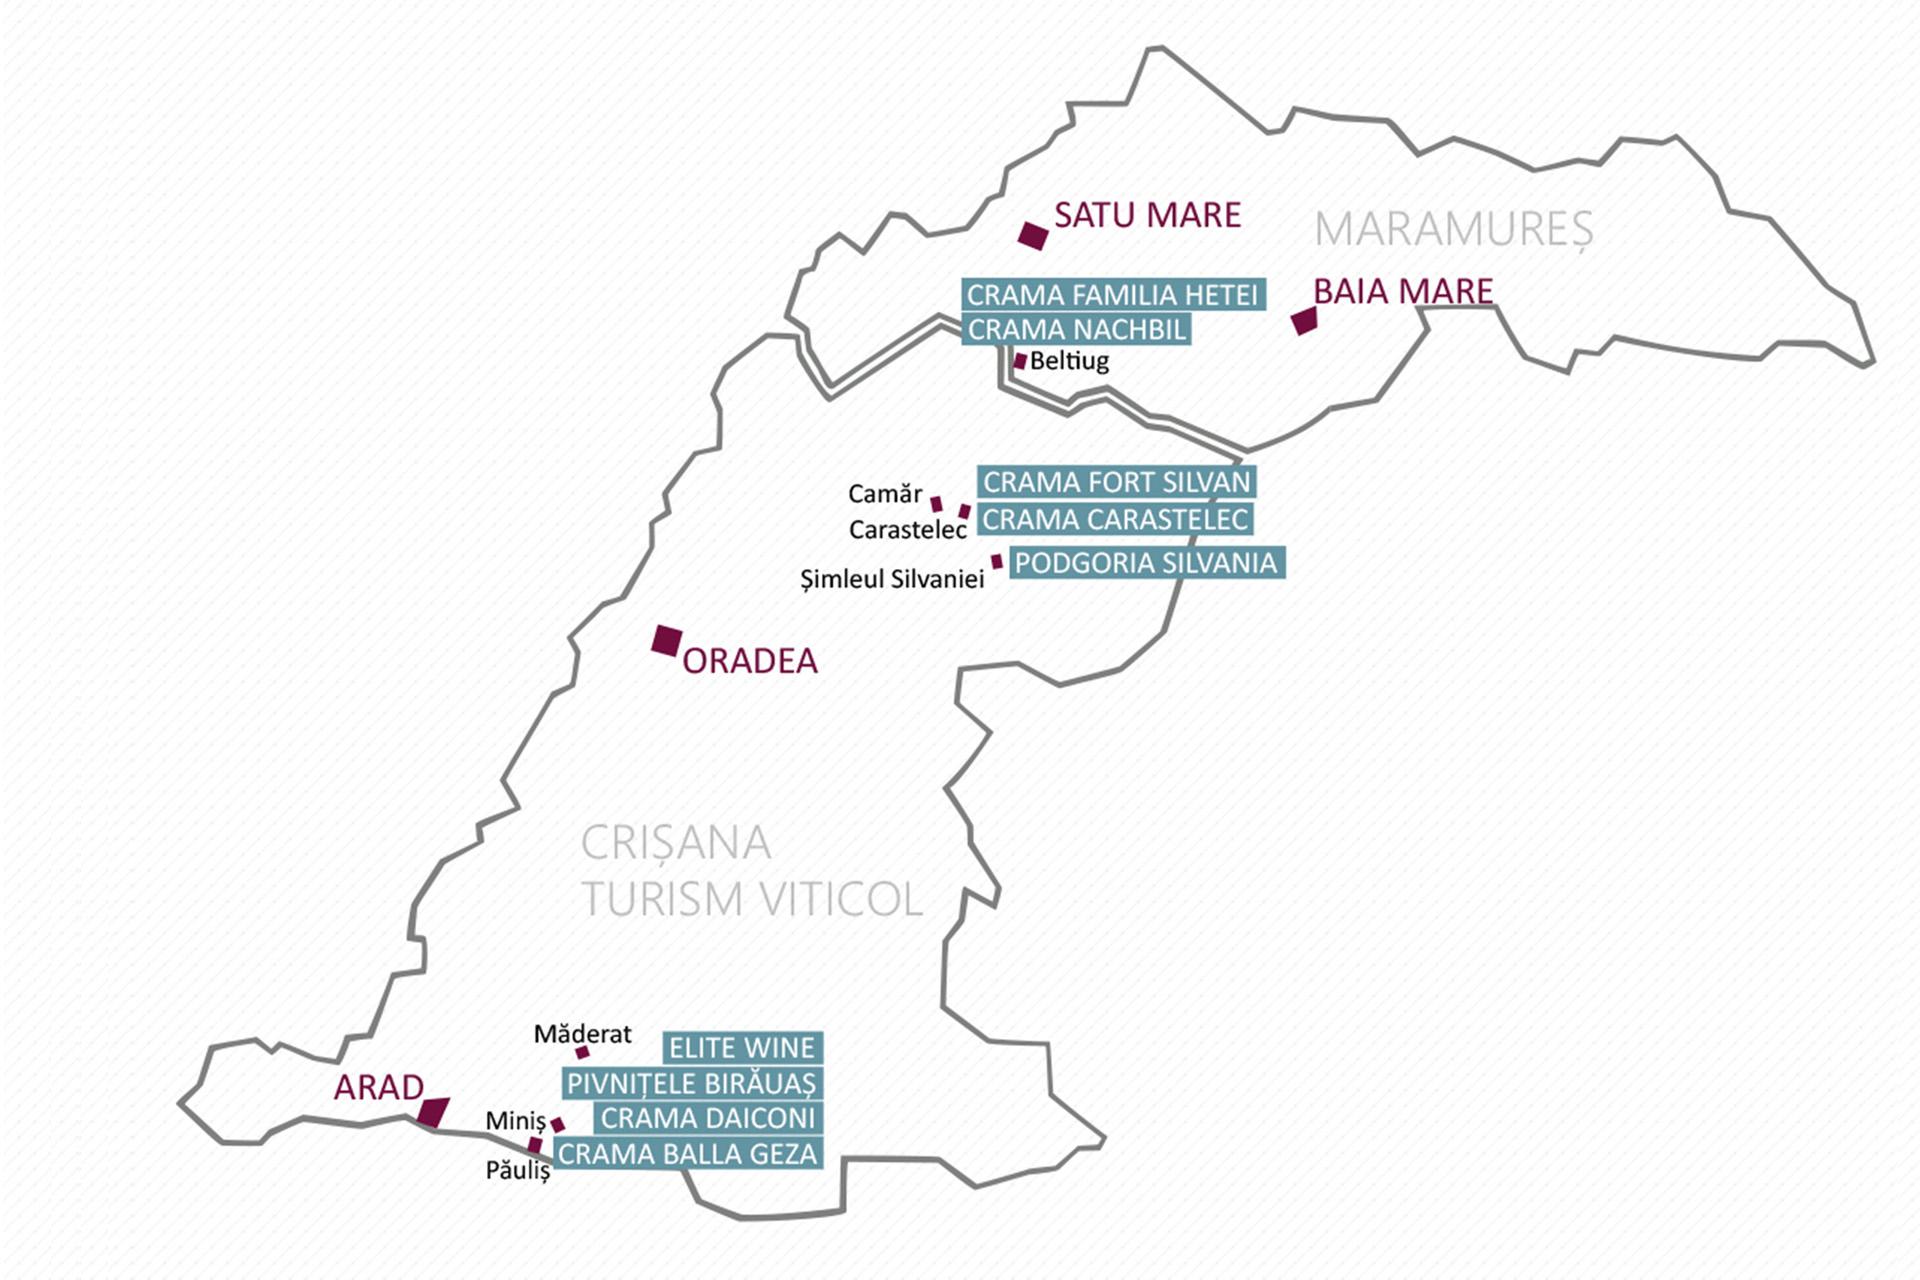 crisana_maramures_turism_viticol_România_cavaleria_ro